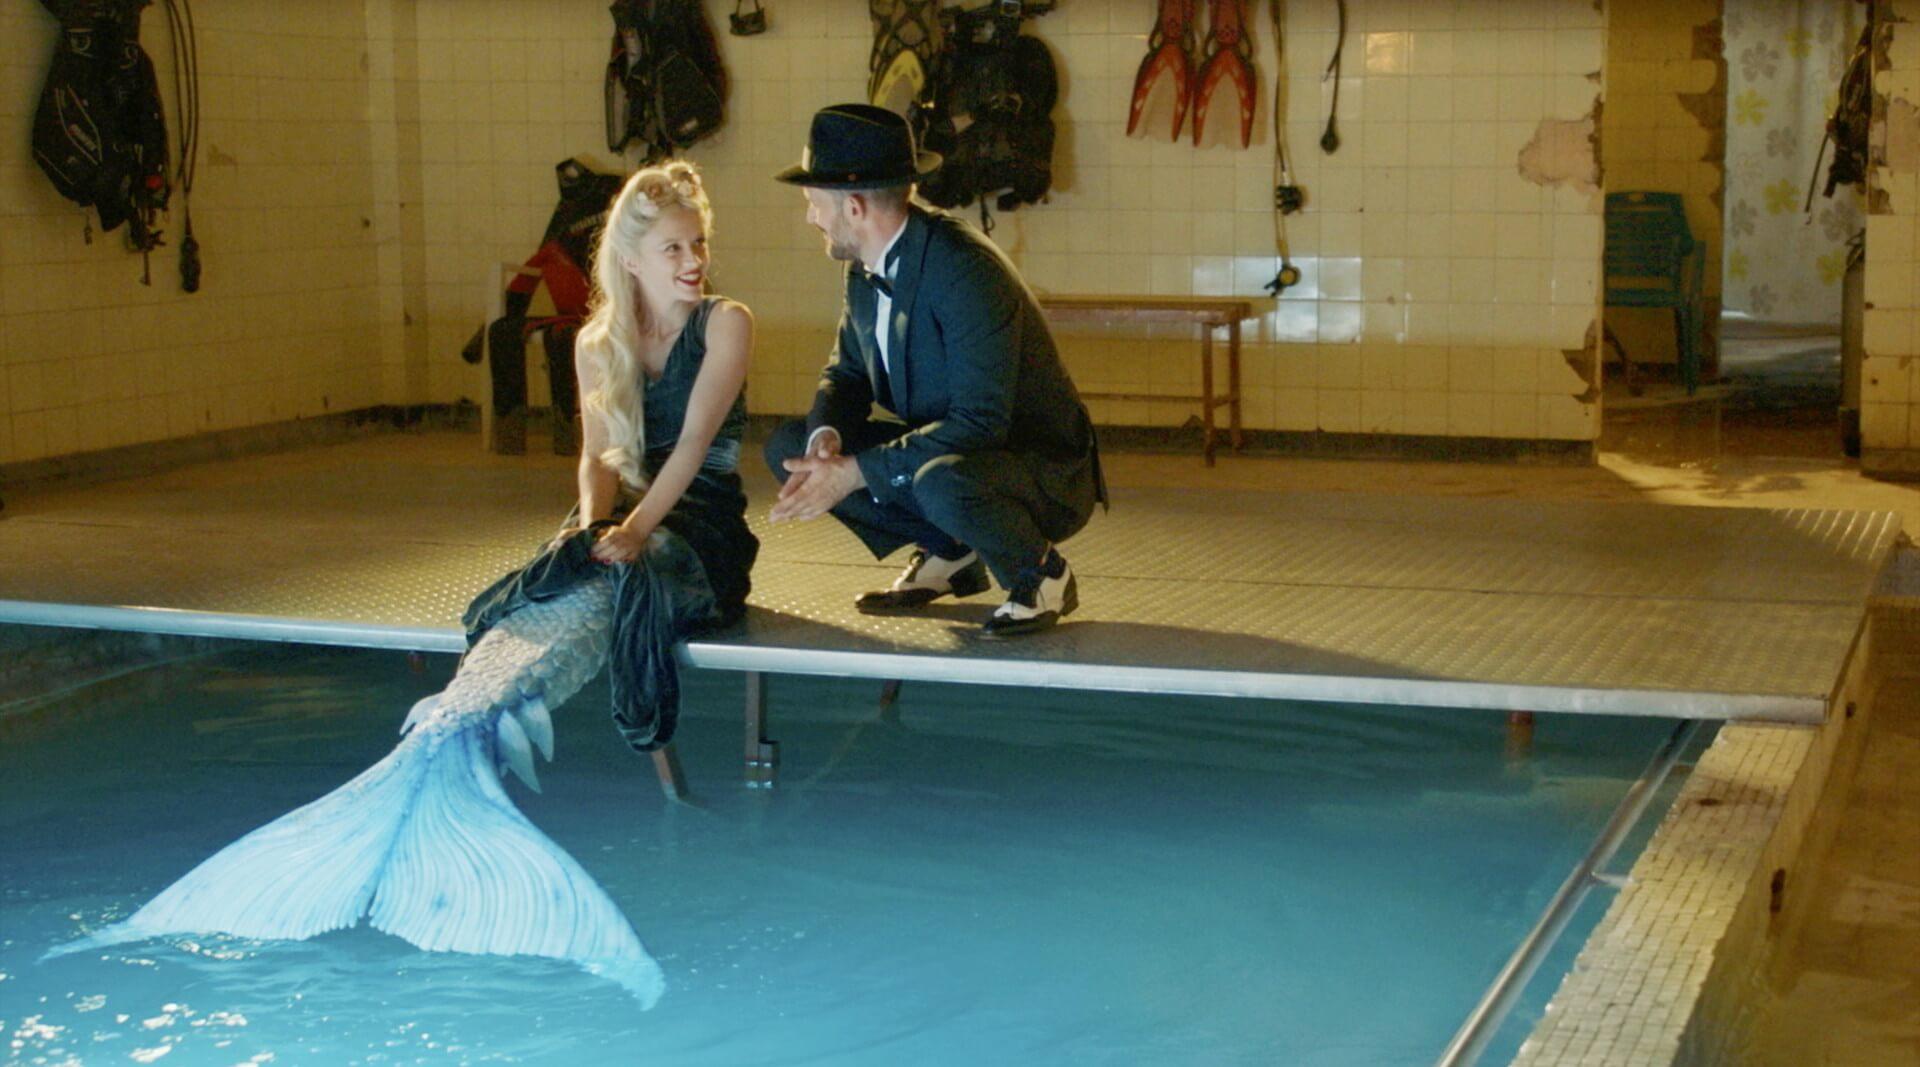 「私の歌を聞いた男は、恋に落ちて心臓が破裂する」パリを舞台に人魚のラブストーリーを描いた映画『マーメイド・イン・パリ』が2月公開 本編映像が解禁 film210113-mermaidinparis-3